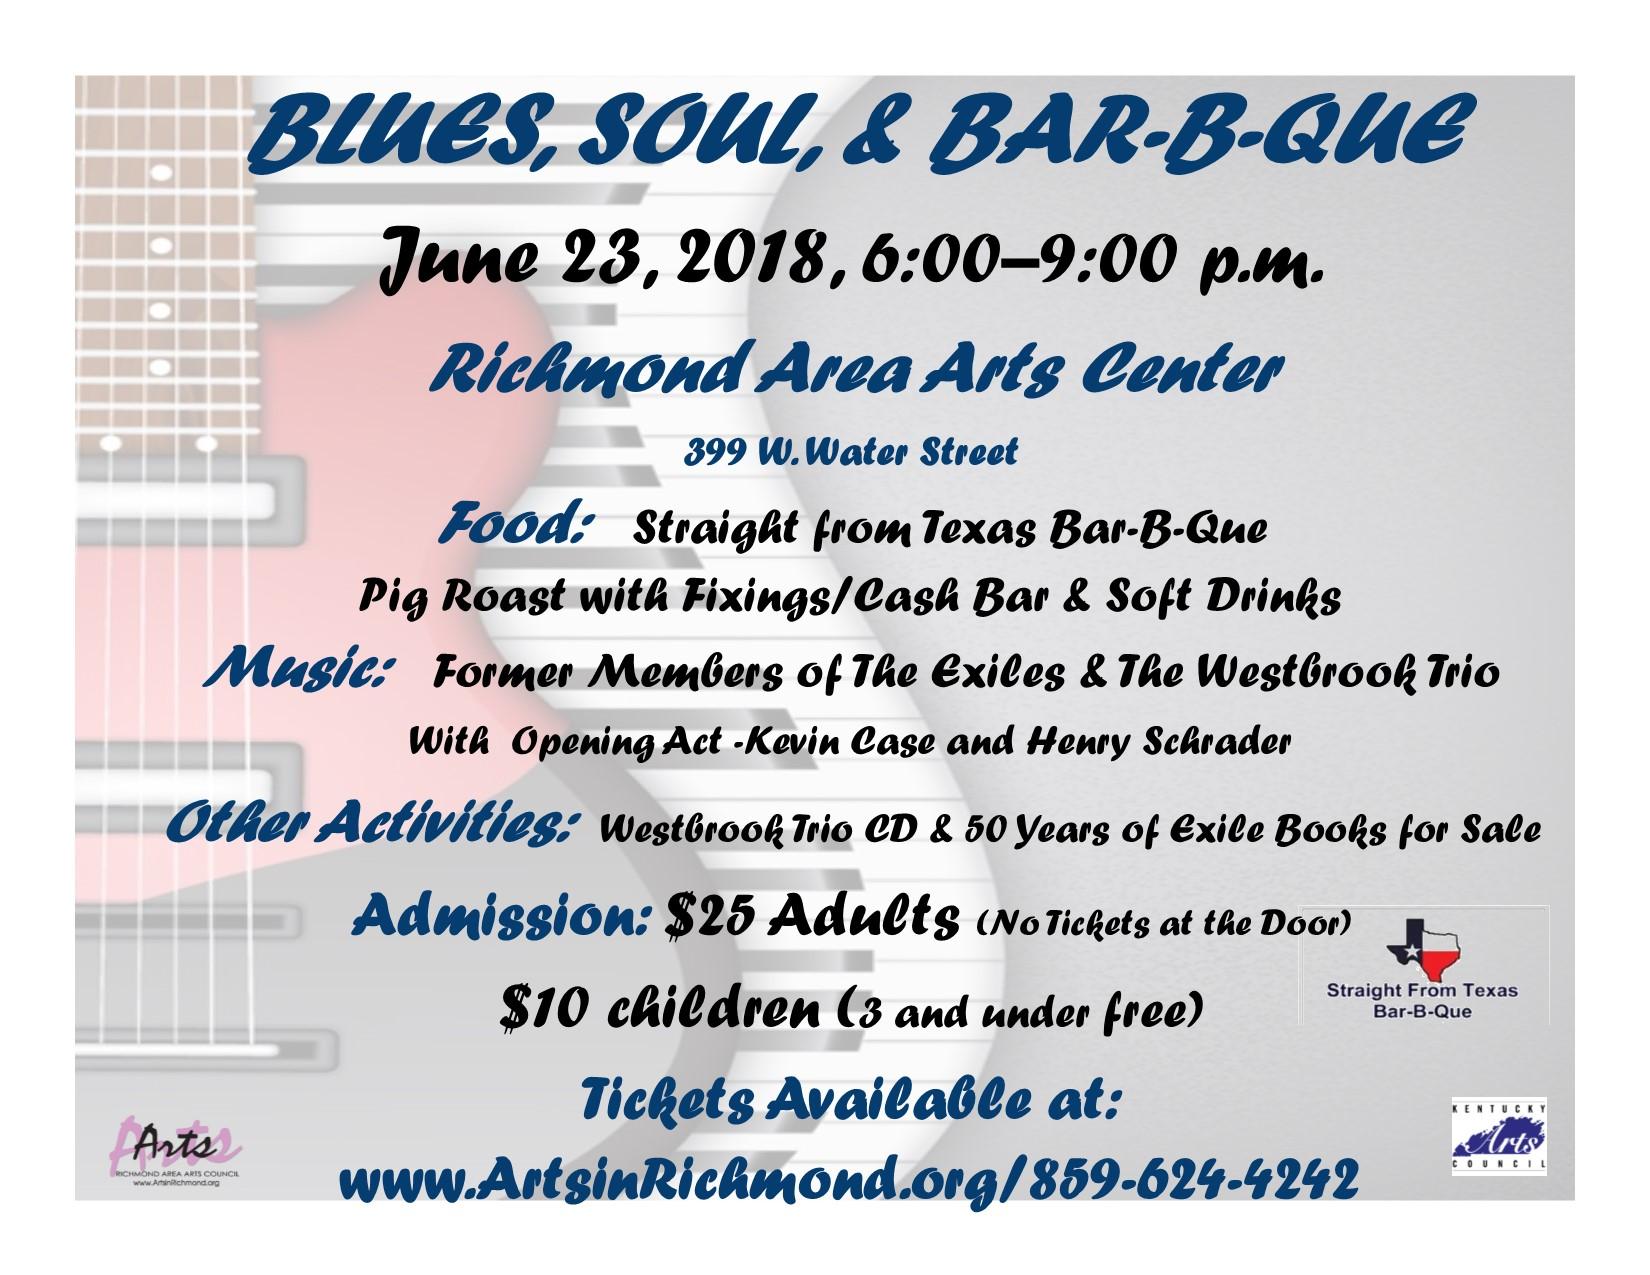 Blues, Soul, and Bar-B-Que | Richmond Area Arts Council